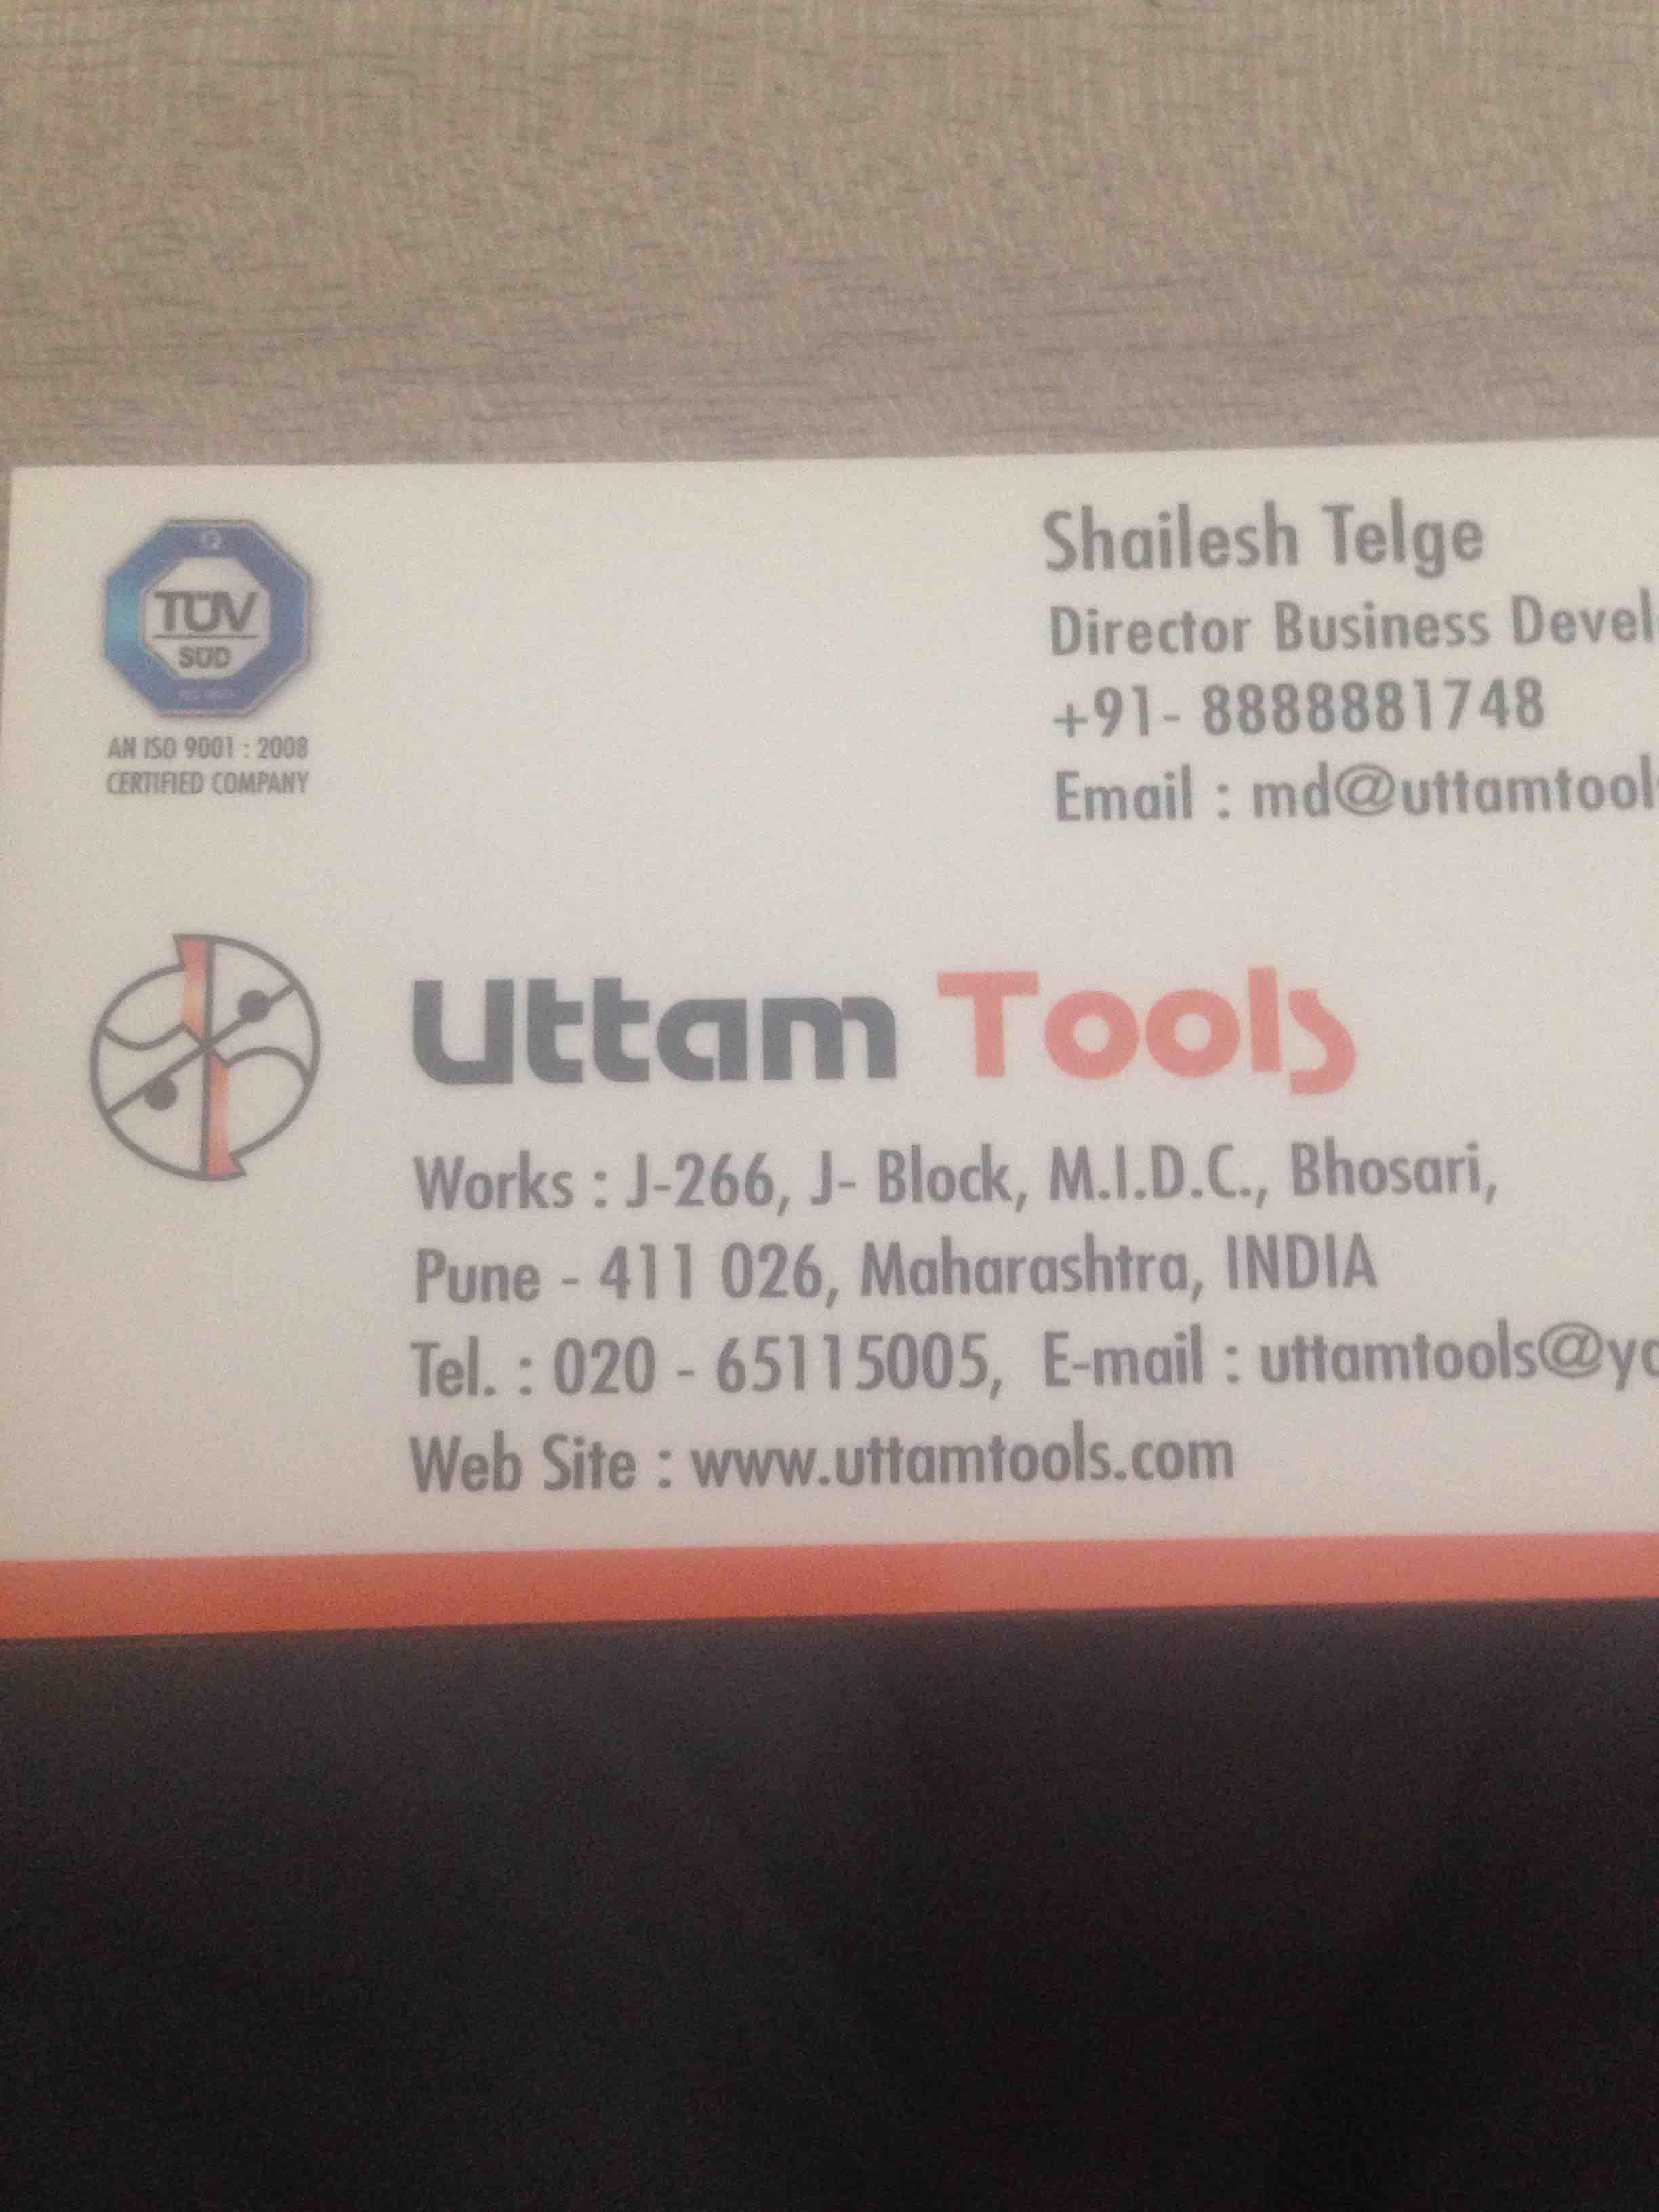 Uttam Tools - logo